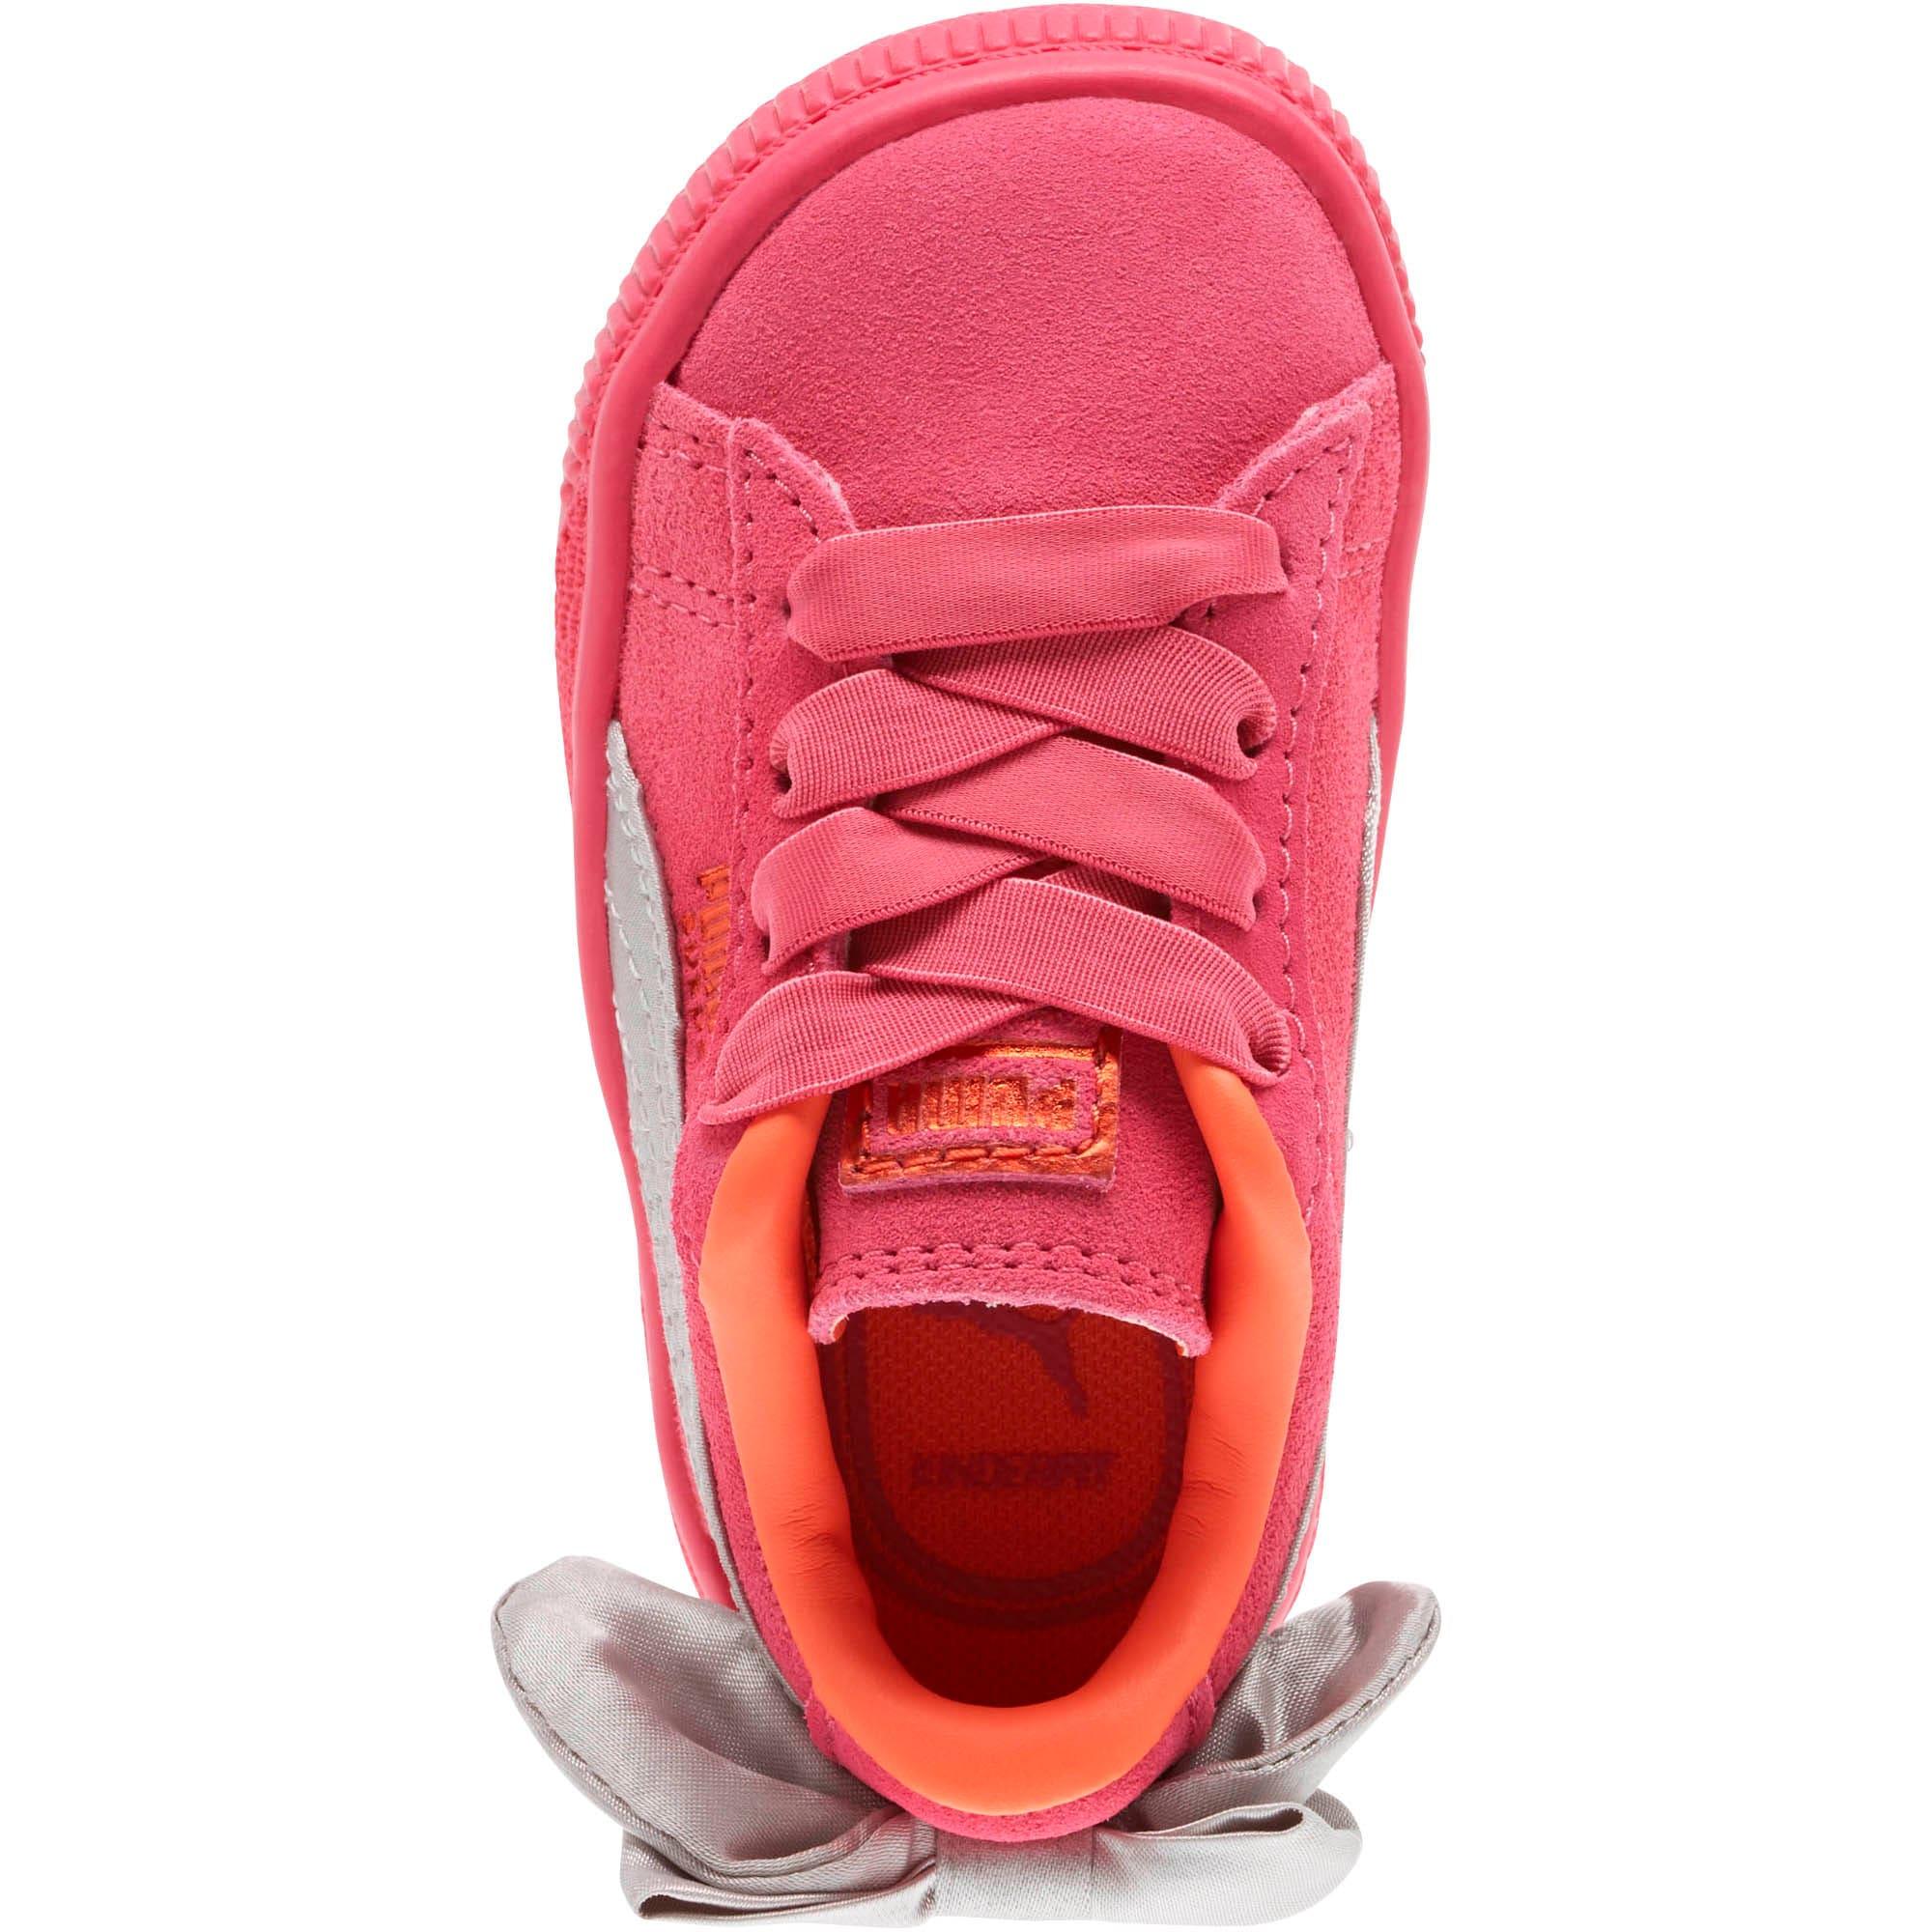 Thumbnail 5 of Suede Bow Toddler Shoes, Fuchsia Purple-Nasturtium, medium